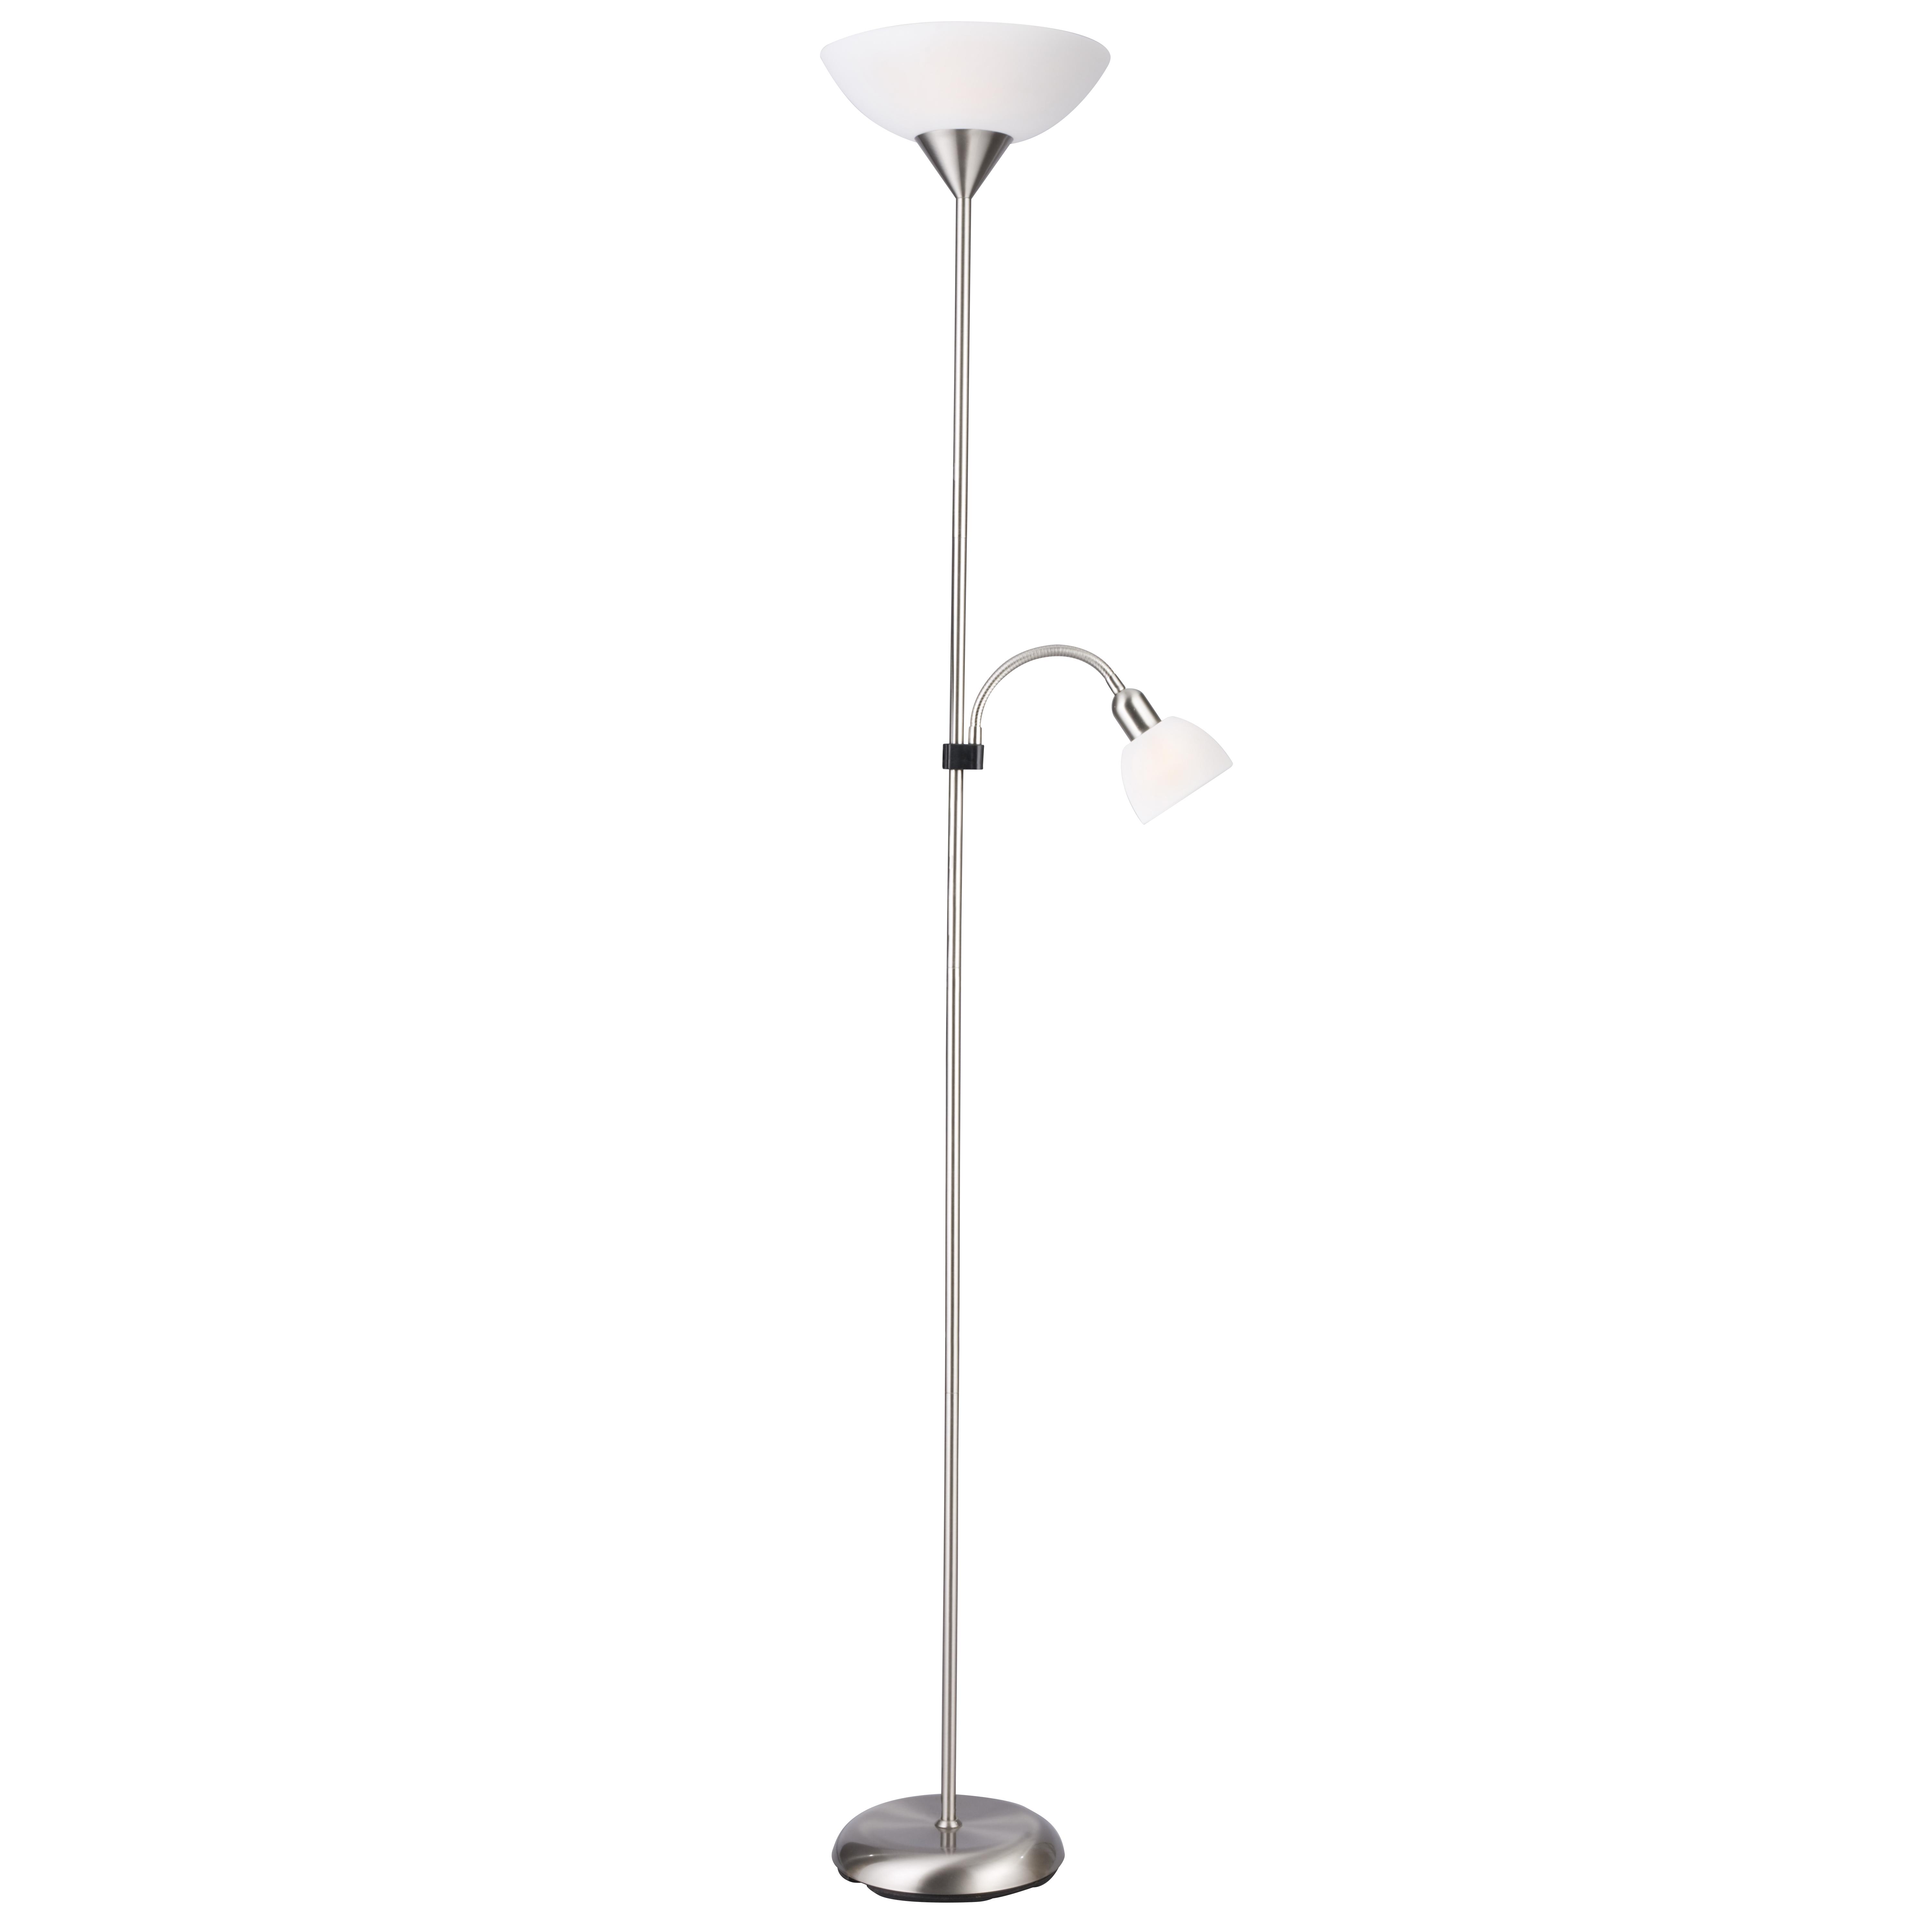 Торшер Arte lamp A9569pn-2si